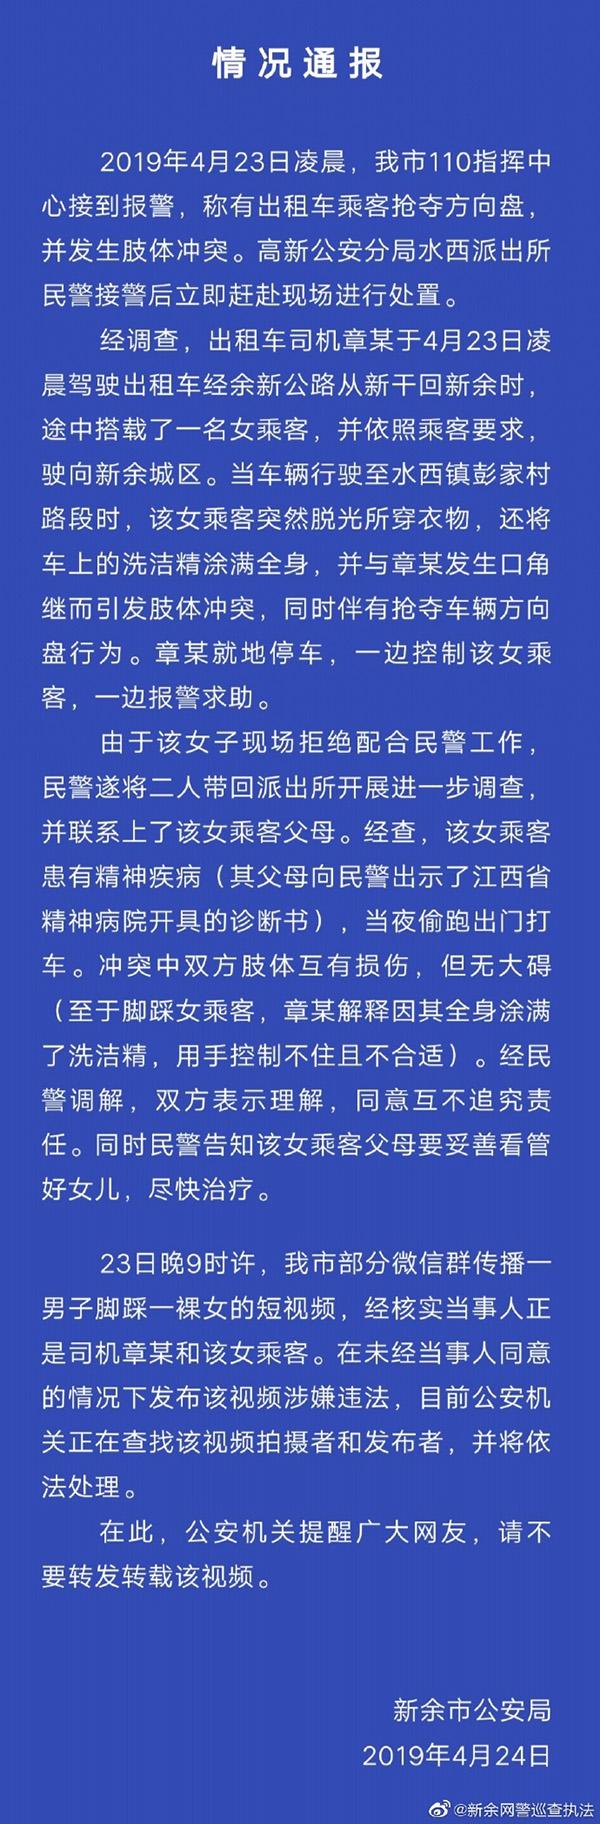 微博@新余网警巡查执法 图